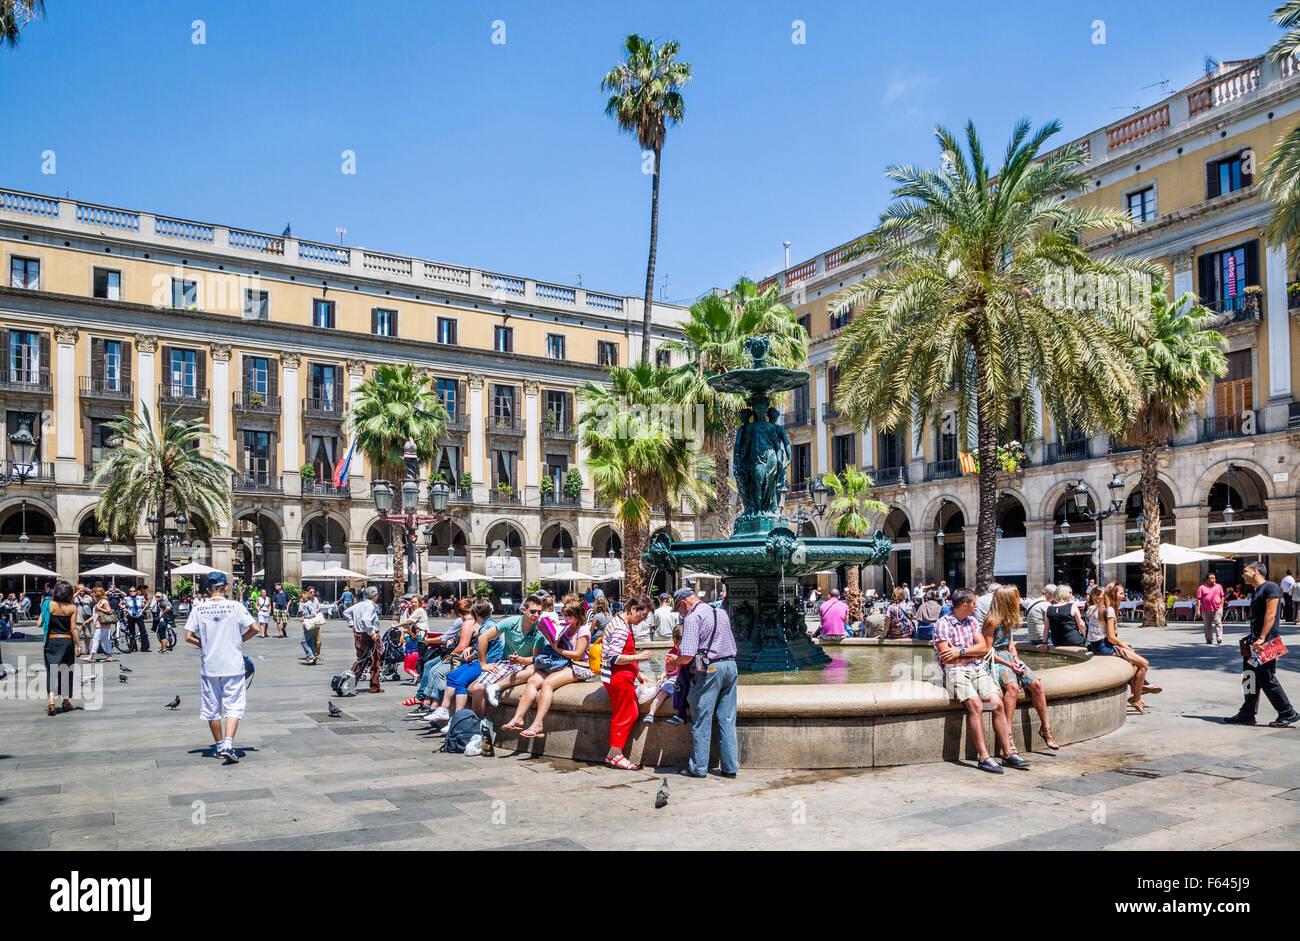 España, Cataluña, Barcelona, Barri Góthic, fuente en la Plaça Reial, un popular punto de encuentro Imagen De Stock